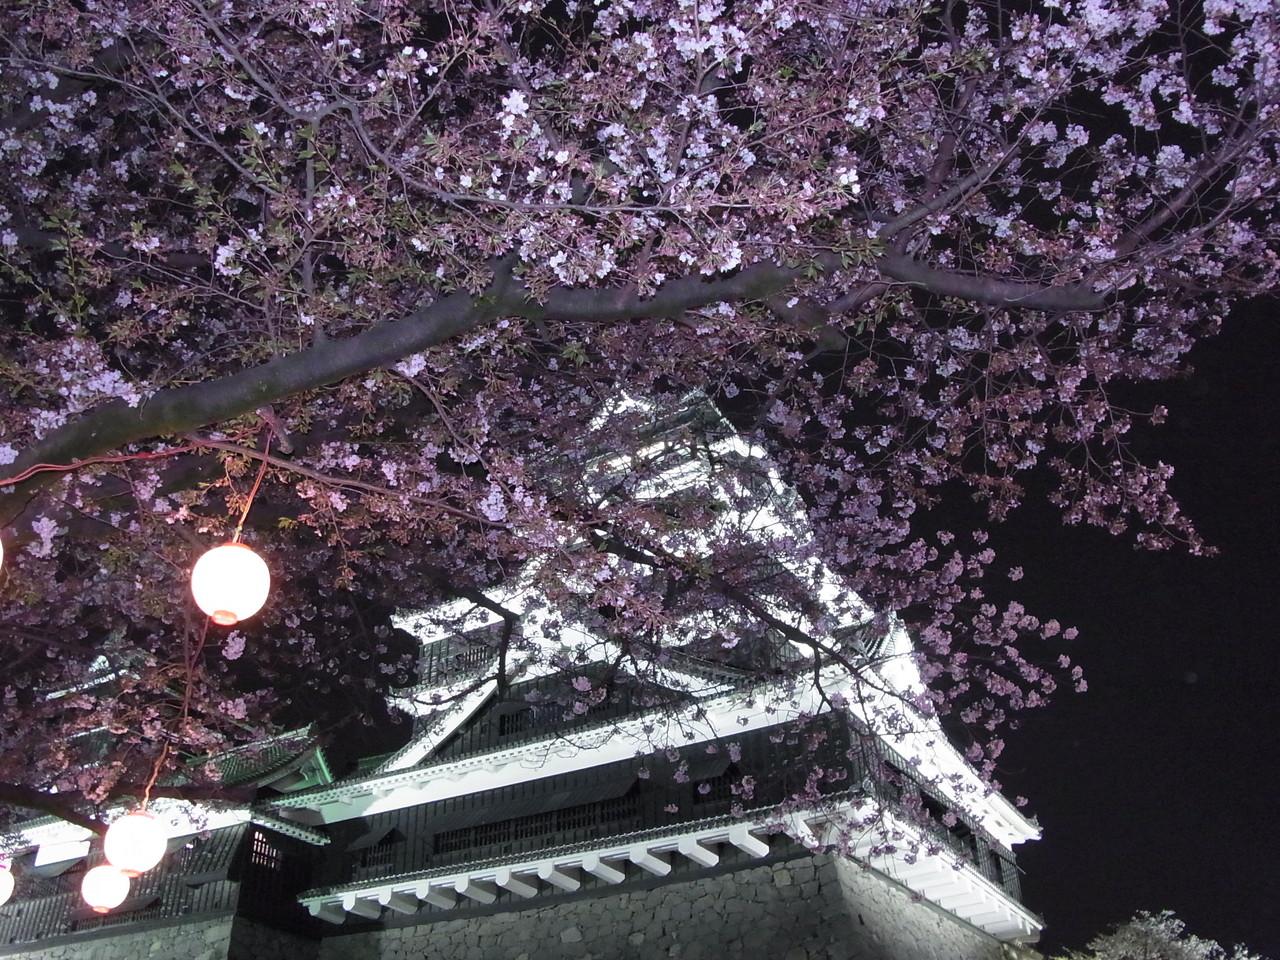 熊本城の2017年桜開花状況は?花見に最適な見頃は?ライトアップは?